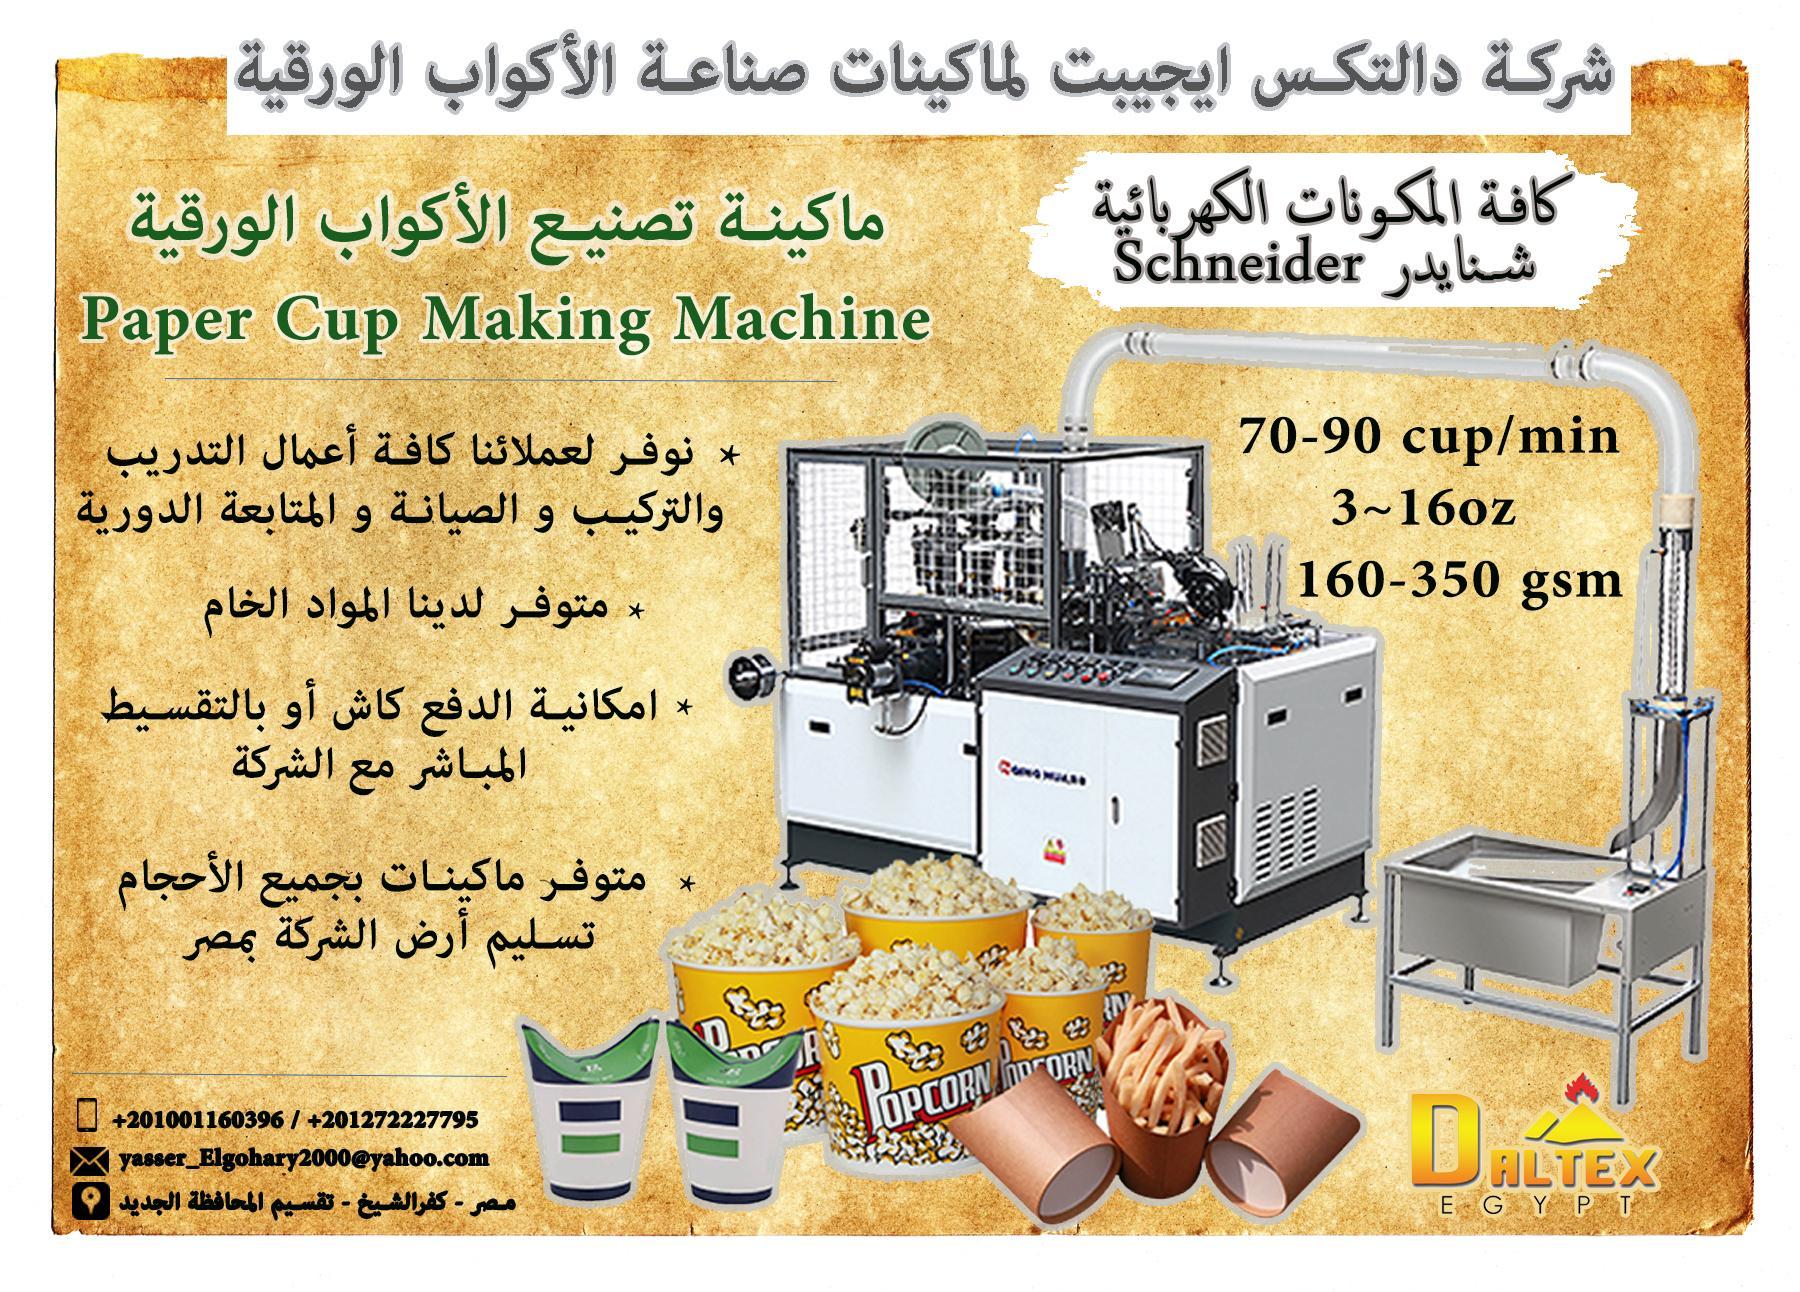 ماكينه تصنيع الاكواب الورقية 01001160396 167071496